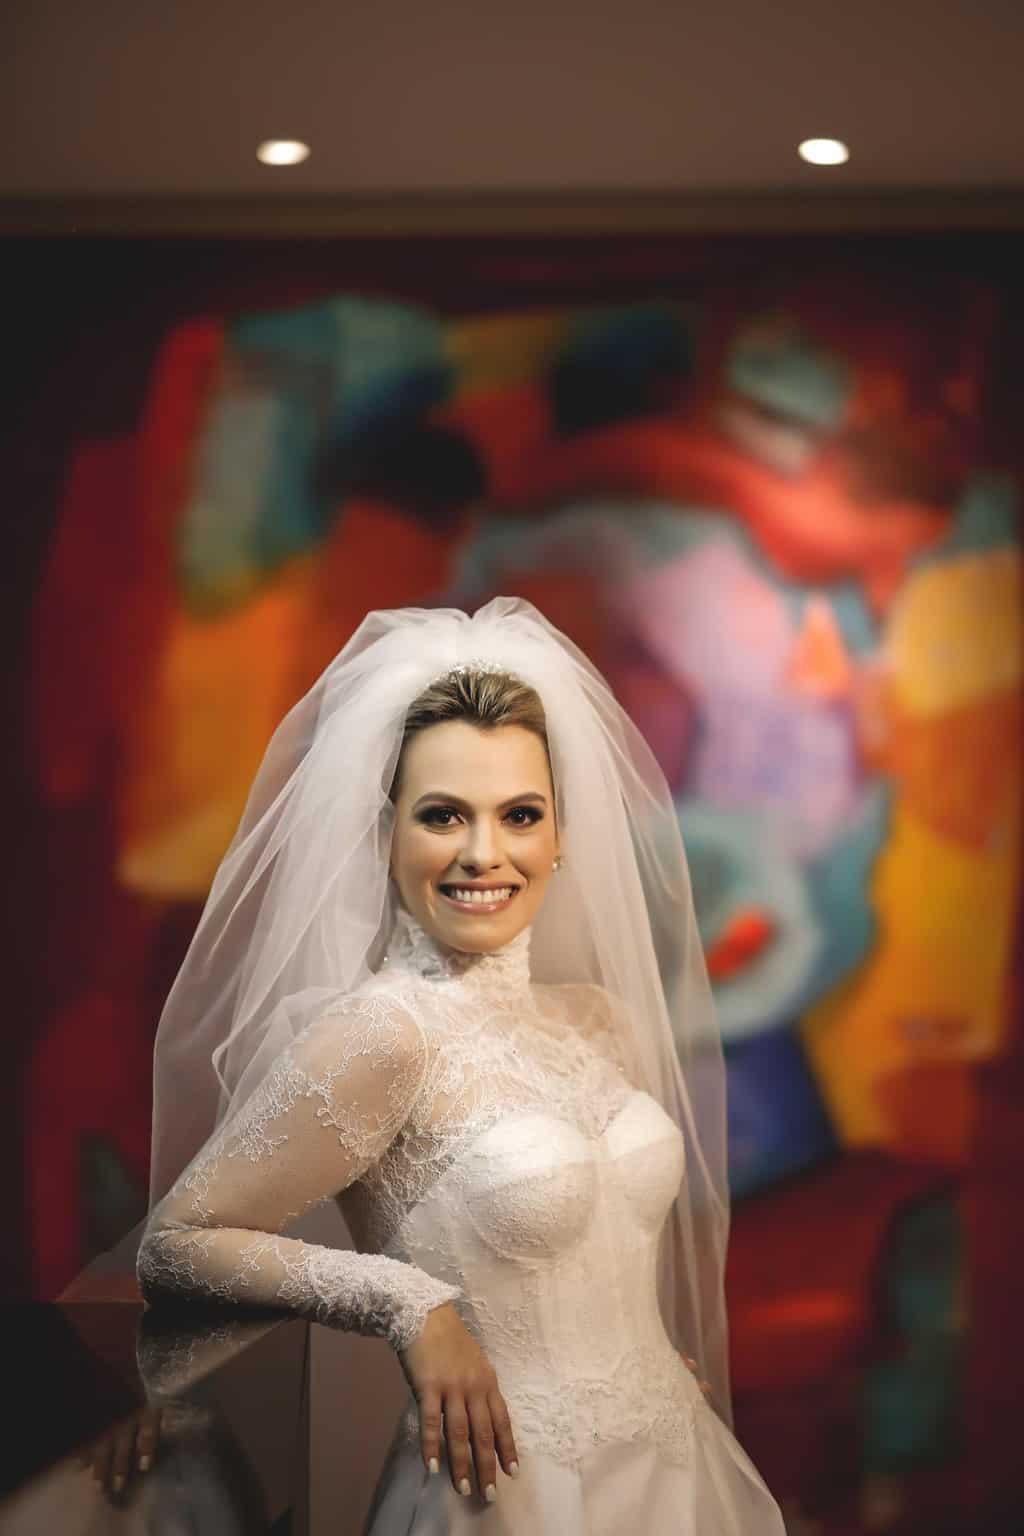 casamento-Juliana-e-Eduardo-Fotografia-Ricardo-Nascimento-e-Thereza-magno-making-of-Usina-dois-irmãos10